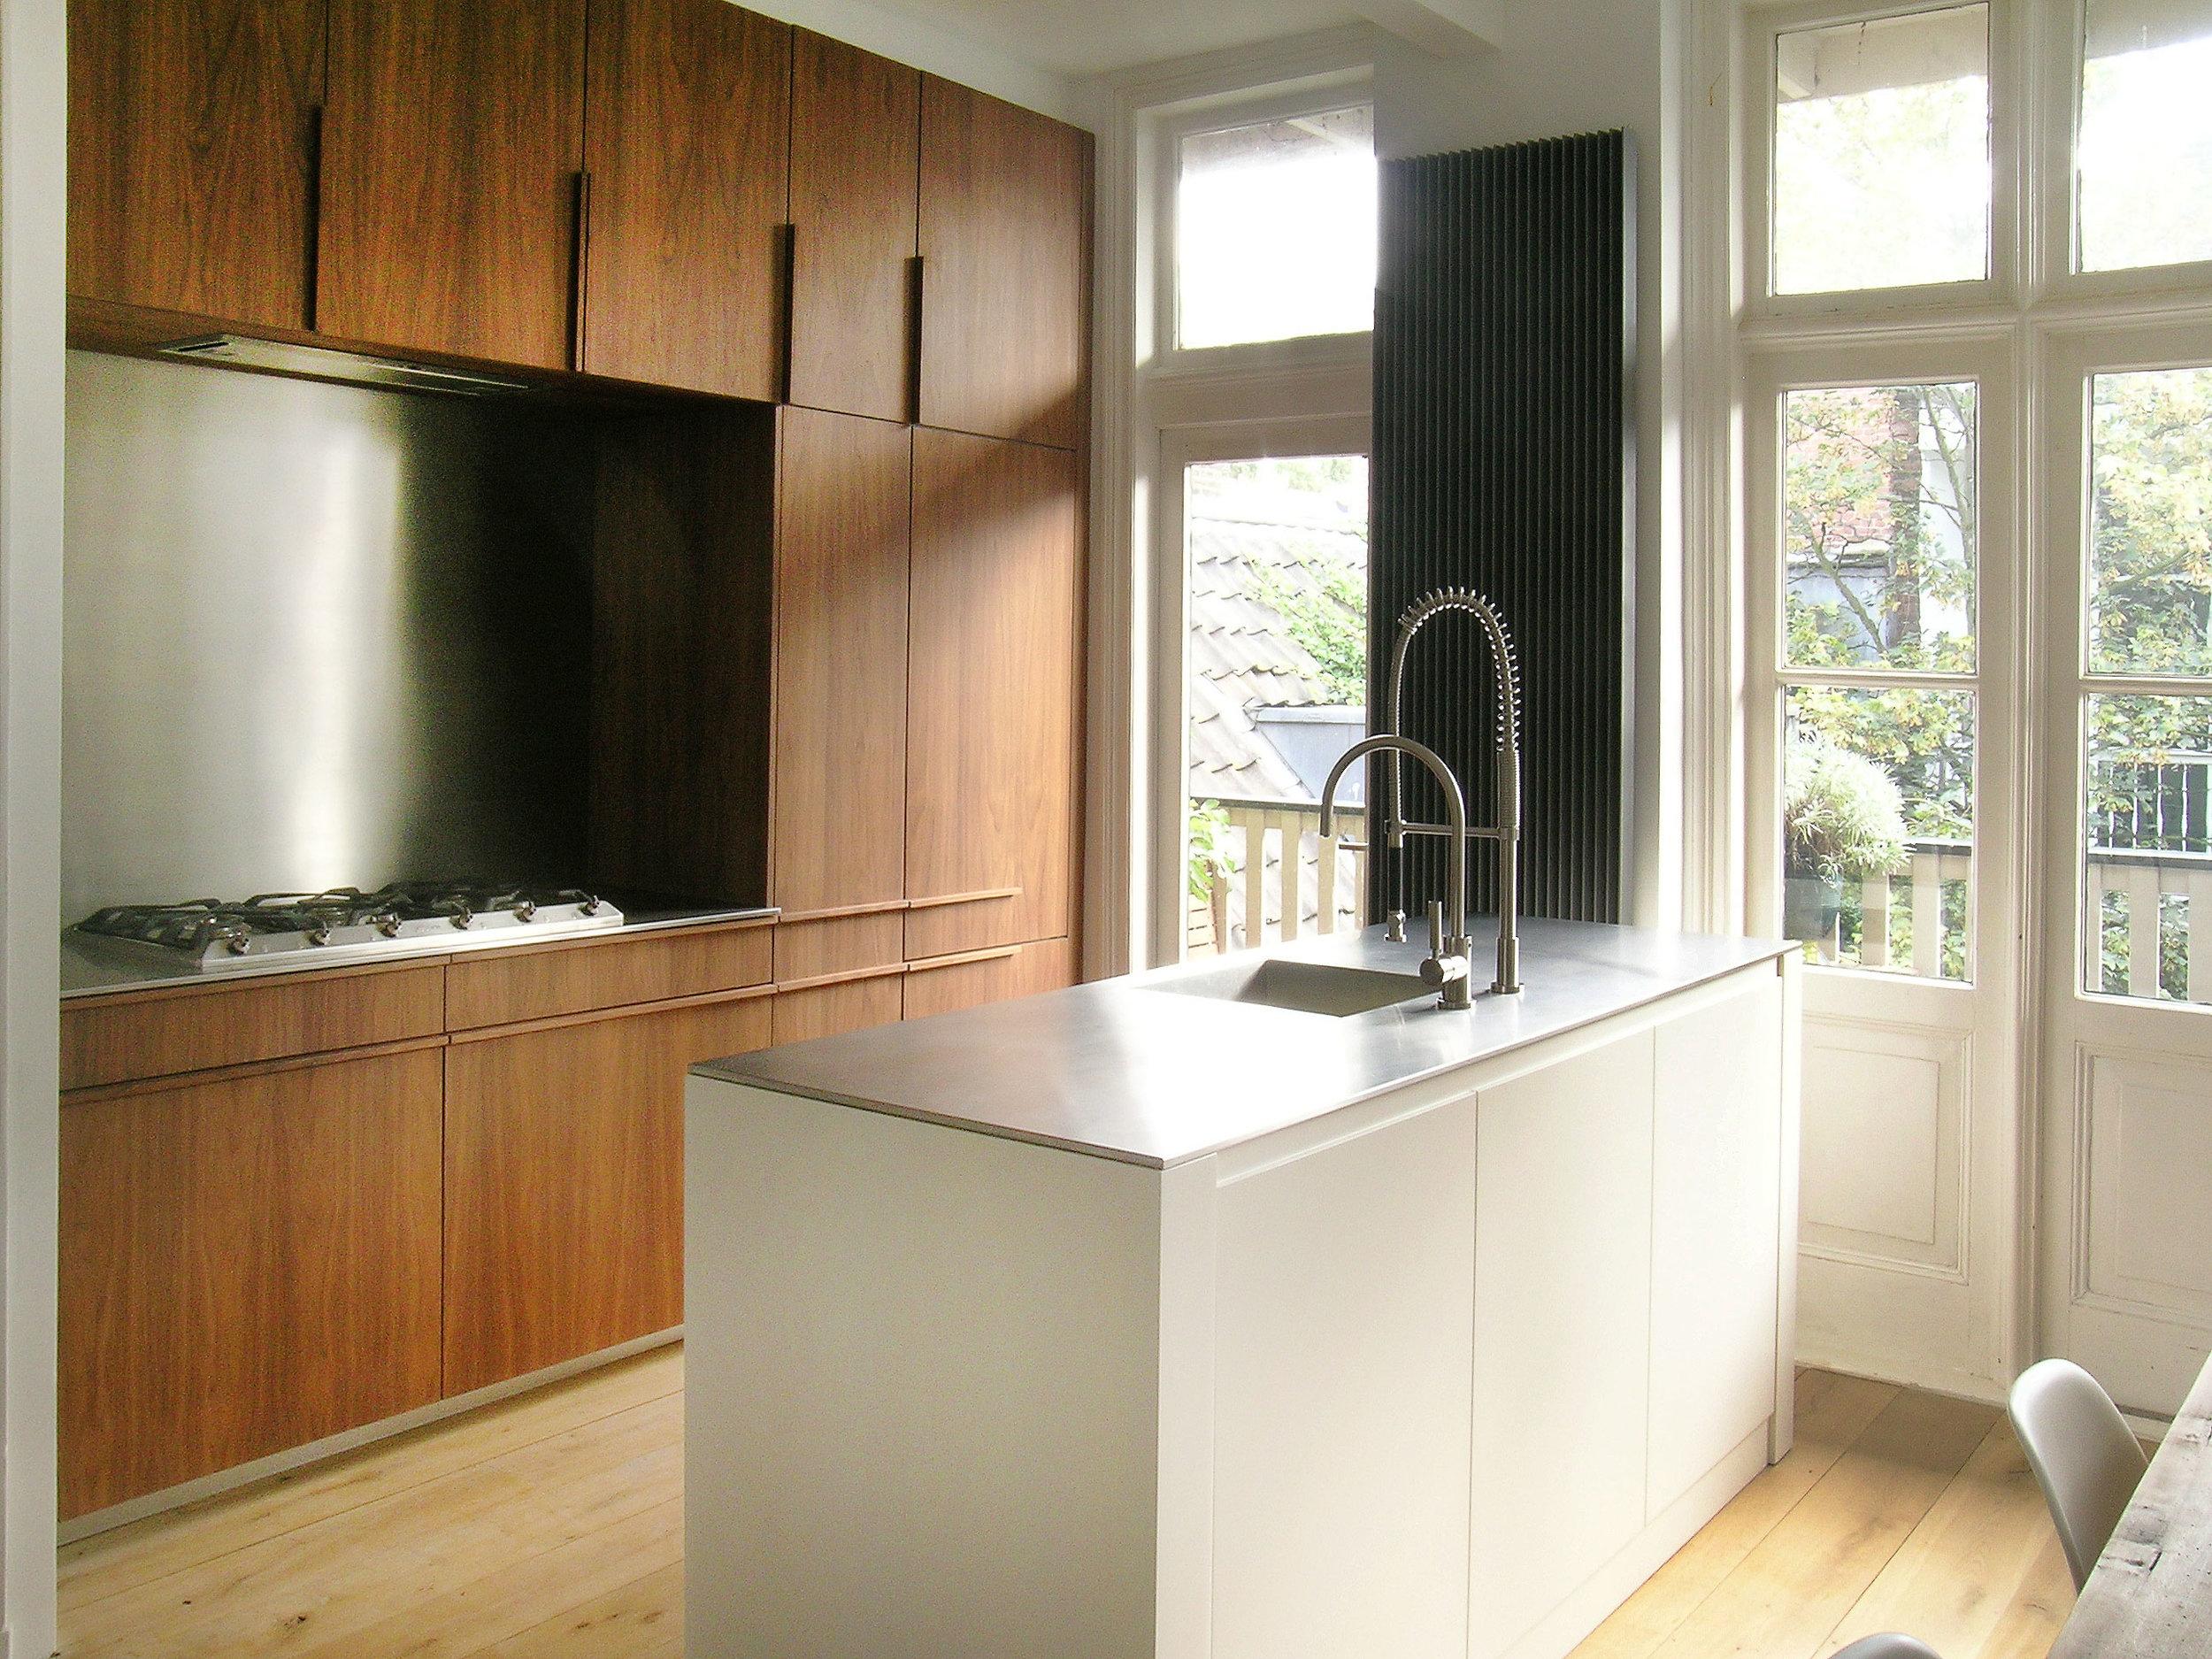 keuken-noten-wand-en-wit-kookeiland.jpg